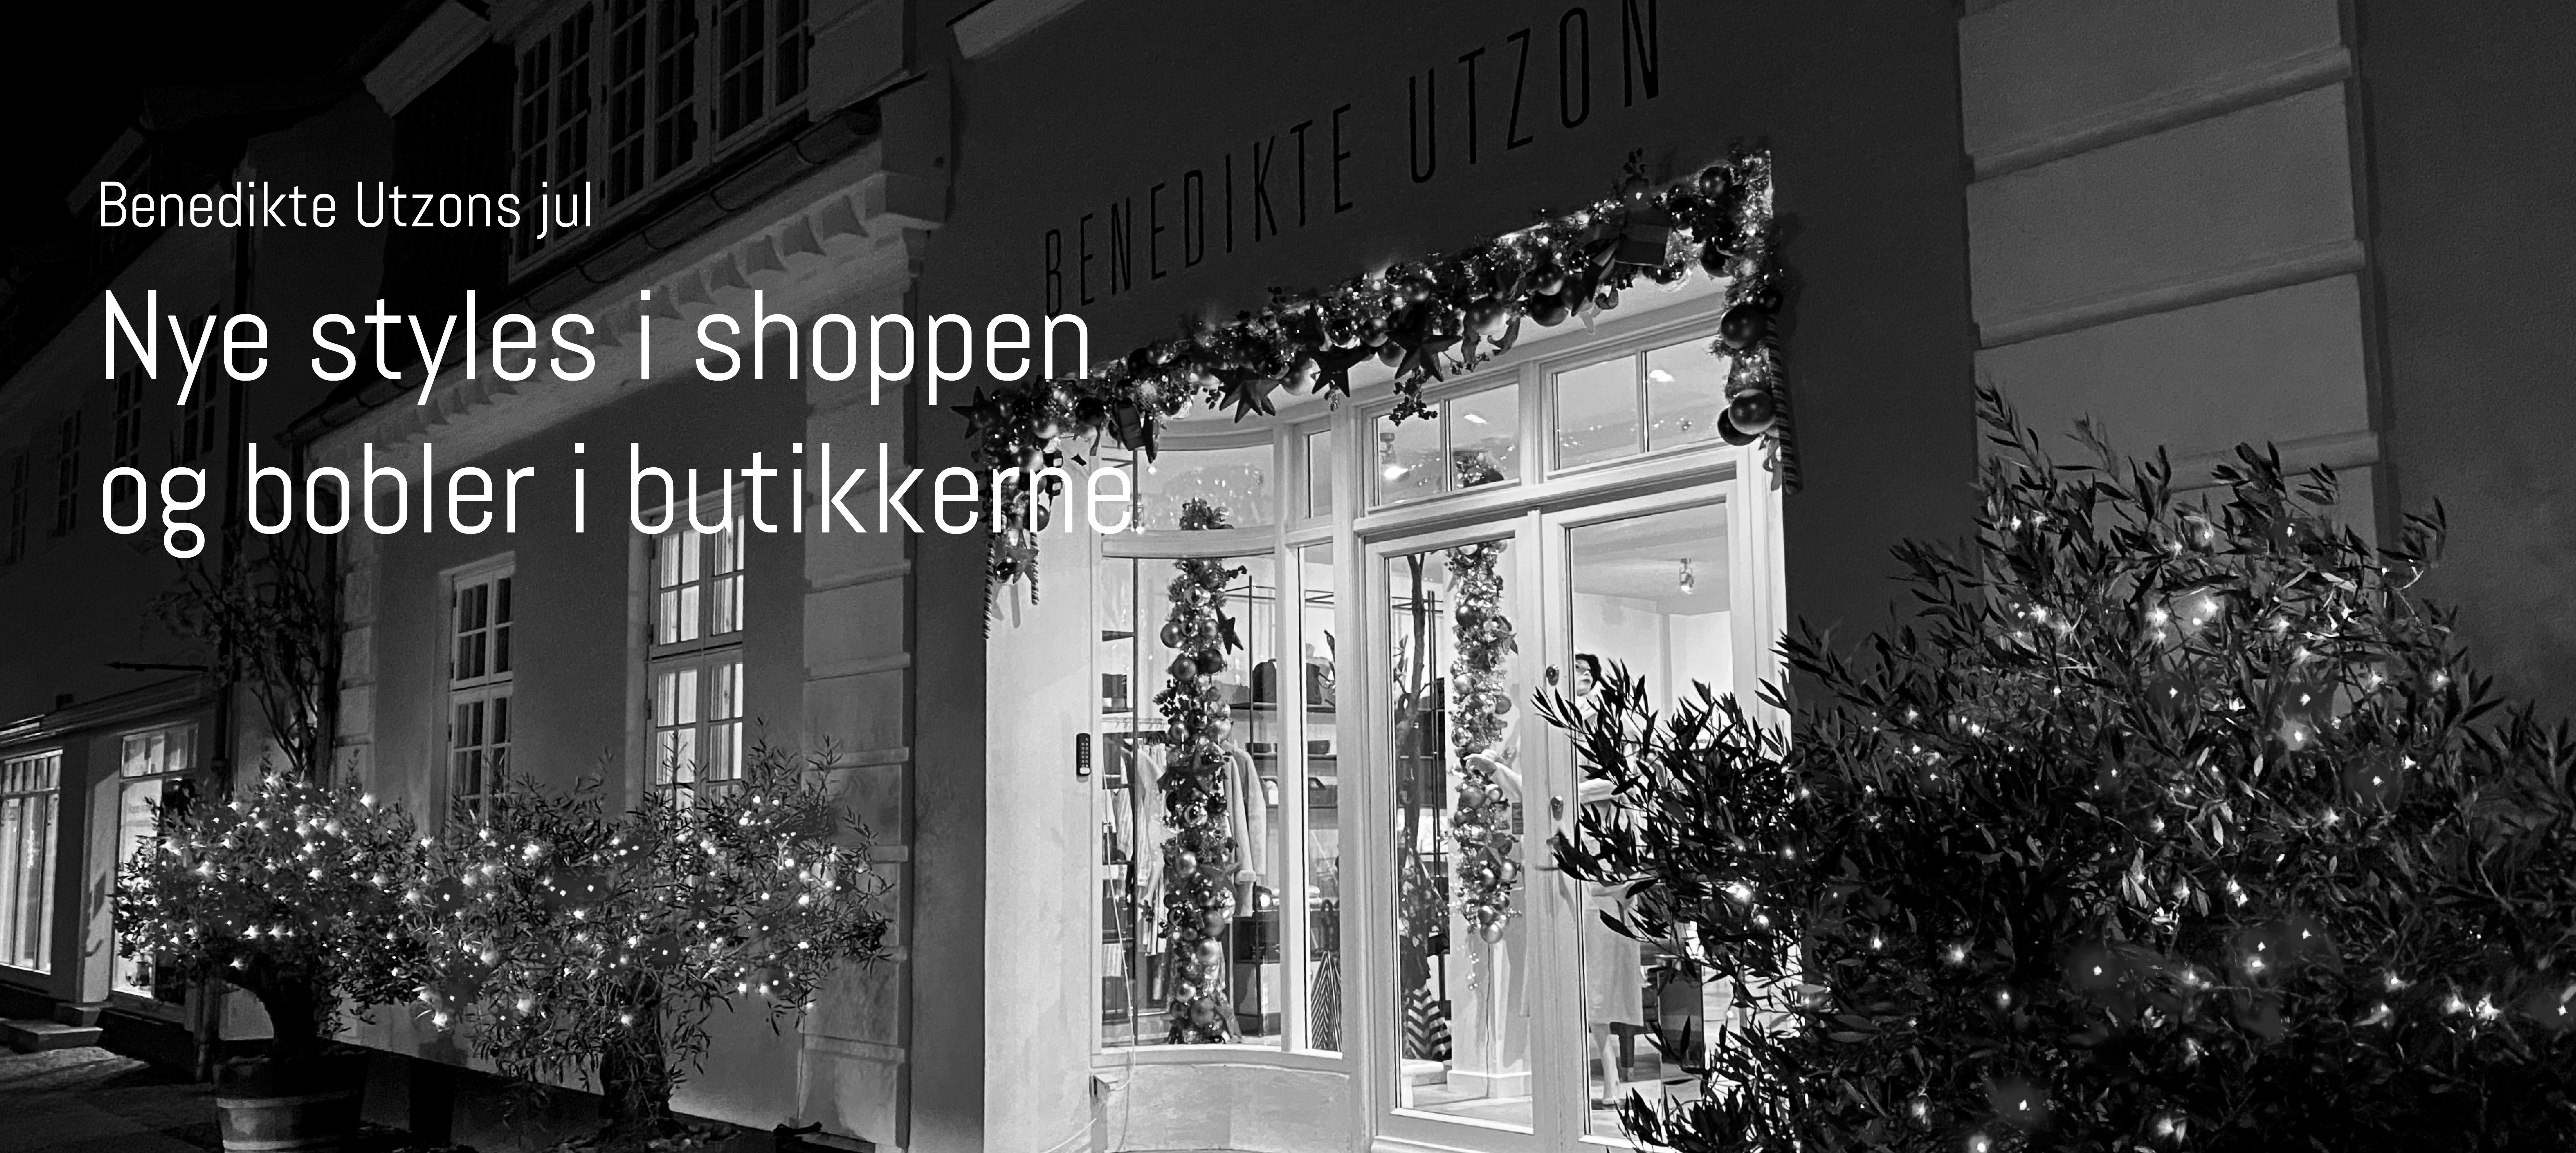 Benedikte Utzon - Header 4